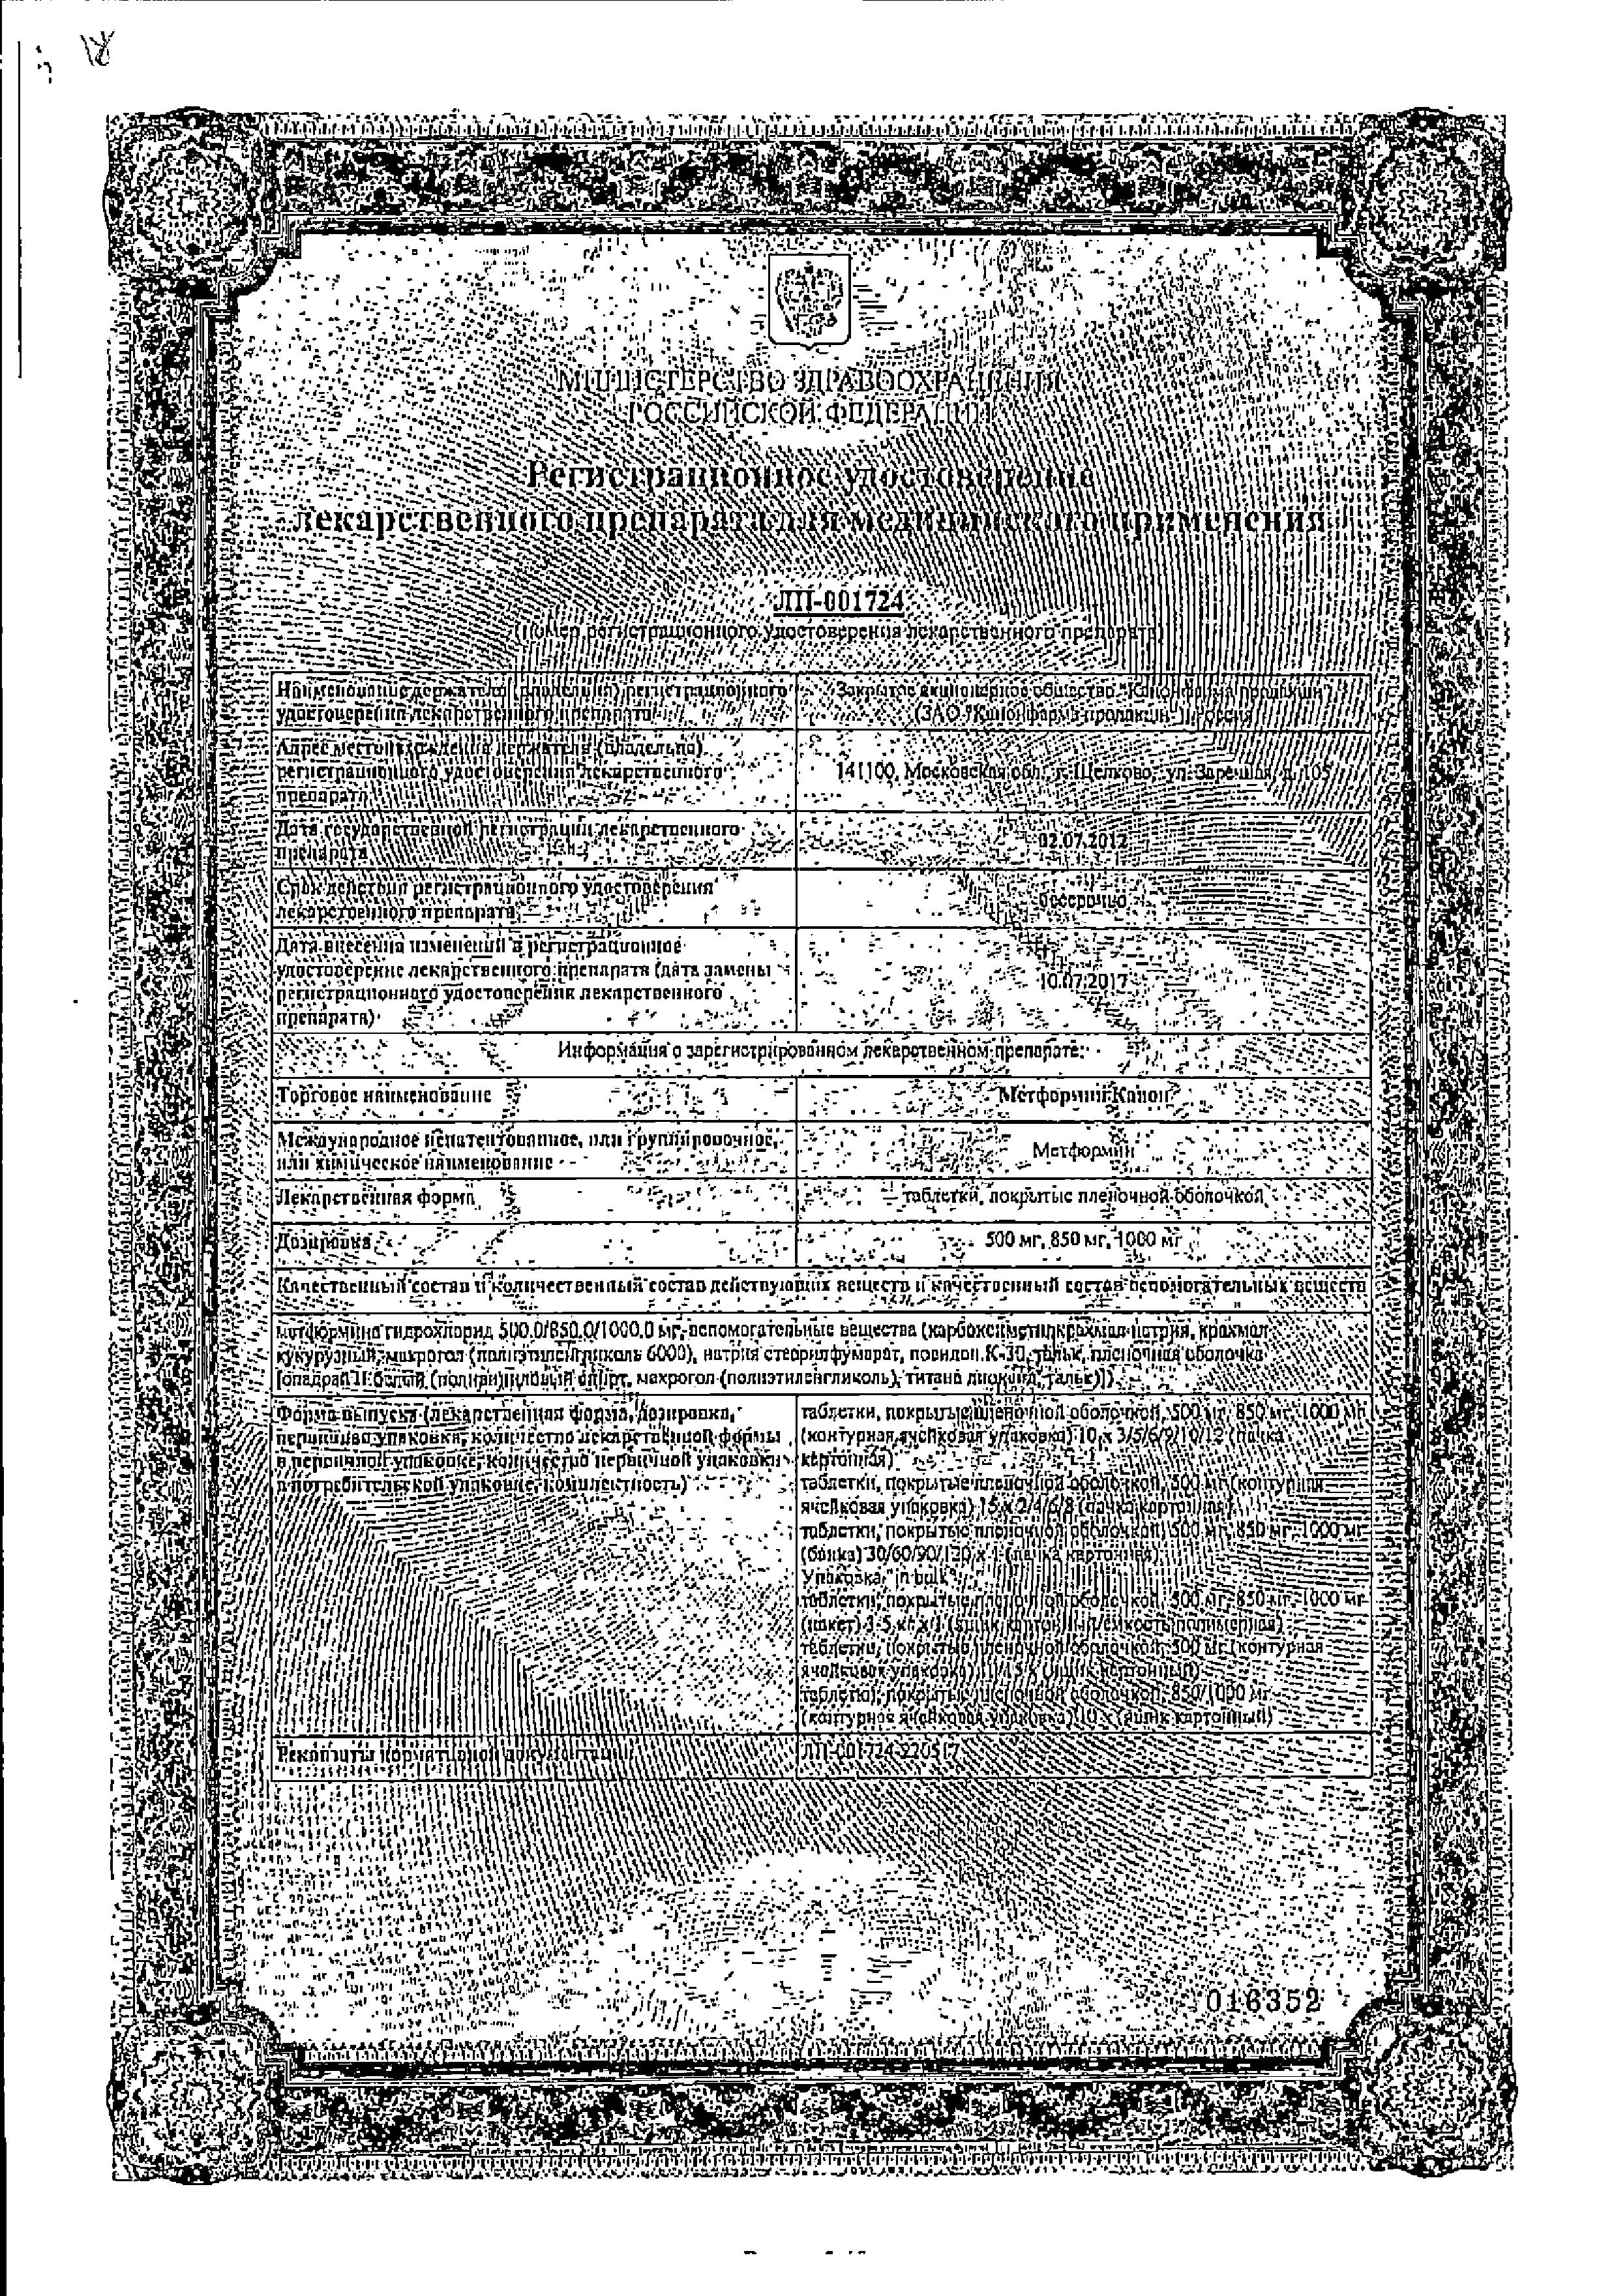 Метформин-Канон сертификат